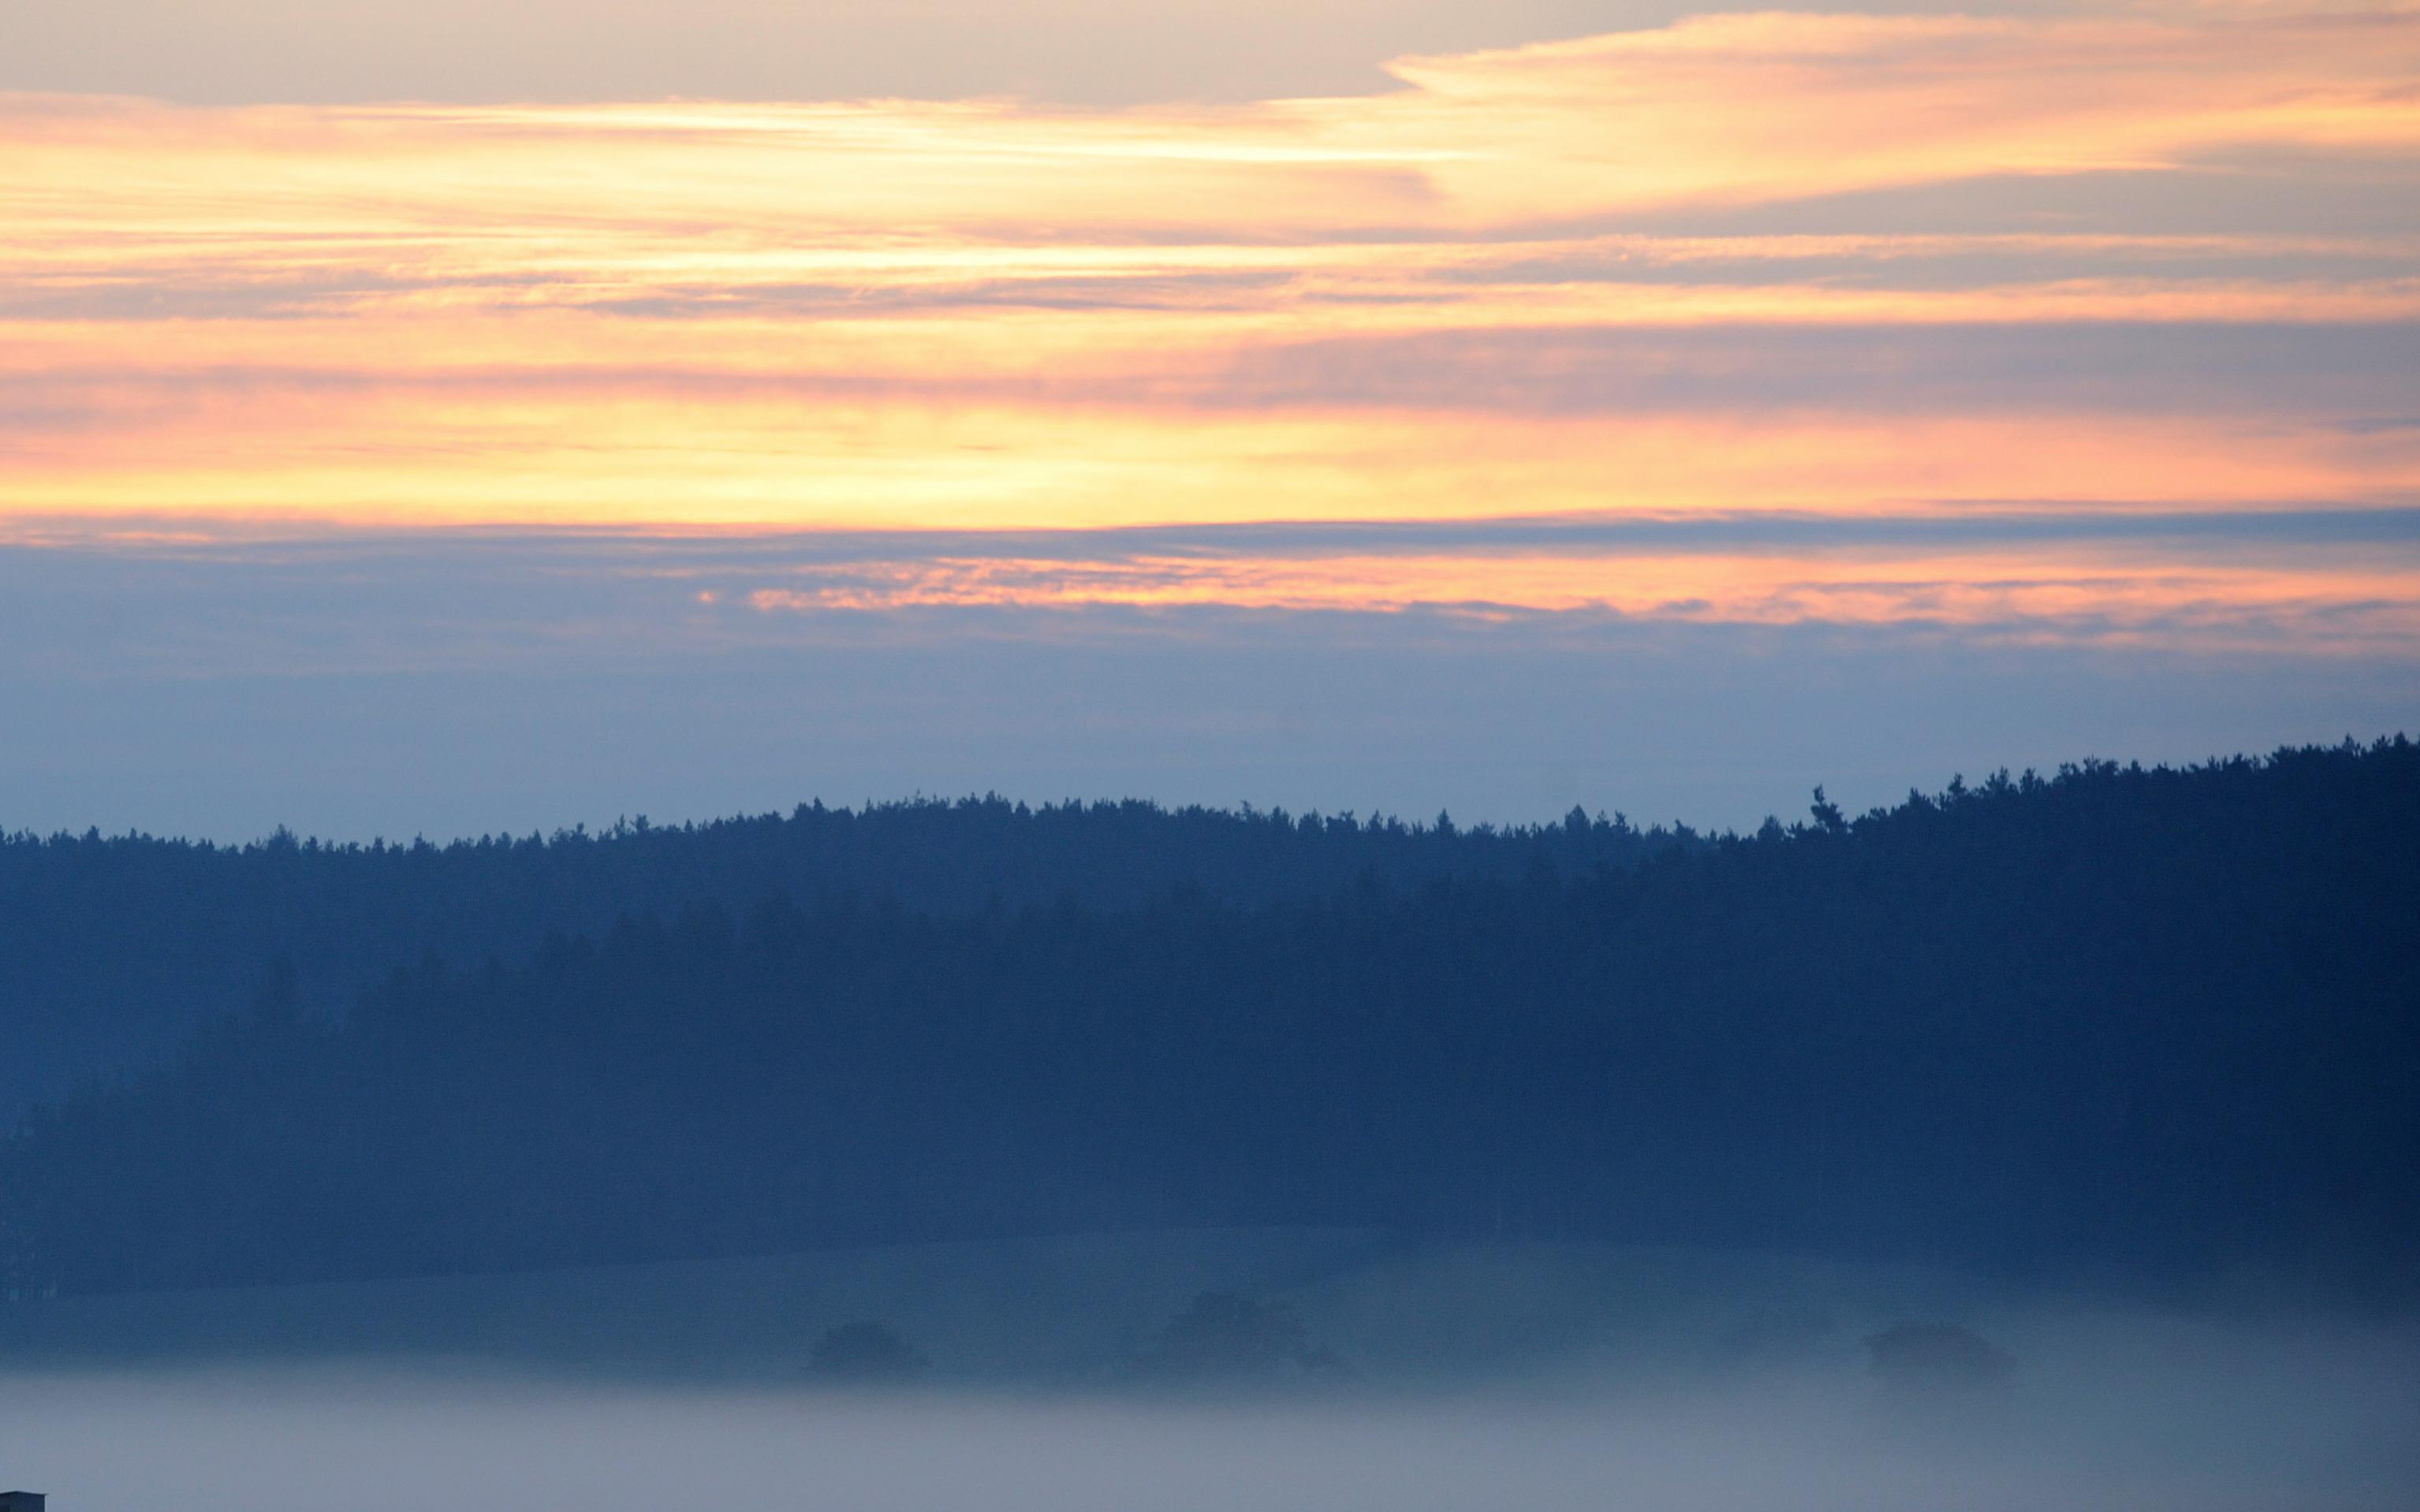 Fliegt der erste Morgenstrahl – Von Joseph Freiherr von Eichendorff